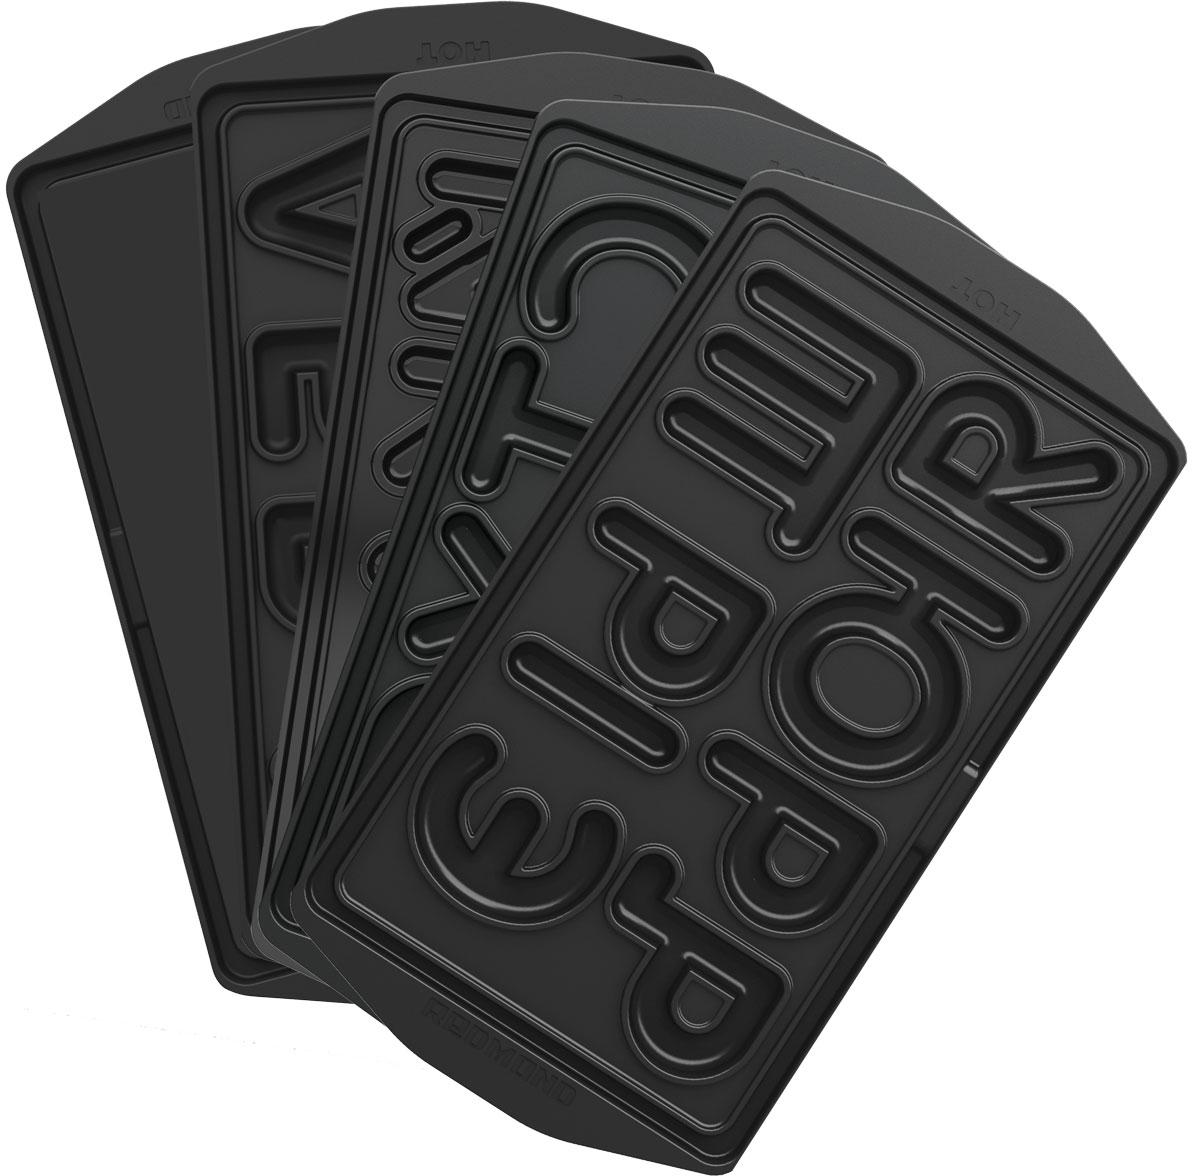 Redmond RAMB-25, Black панель для мультипекаряRAMB-25Универсальные съемные панели RAMB-25 для любого мультипекаря Redmond серии 6! В комплекте 5 пластин, с которыми вы можете приготовить печенье в форме букв русского алфавита. Такая фигурная выпечка отлично подойдет для того, чтобы помочь ребенку выучить алфавит, научить его читать и раскладывать слова на слоги. Из съедобных букв можно также составлять оригинальные поздравления для своих родных, друзей и коллег.Готовьте на этих панелях из проверенных продуктов, в качестве которых вы убедились. У вас будет получаться вкусная домашняя выпечка – без консервантов и красителей!Панели изготовлены из металла, поэтому они долговечны и легки в уходе. Антипригарное покрытие позволяет готовить без использования масла.Панели удобно устанавливать и снимать благодаря специальным ручкам сбоку от форм.